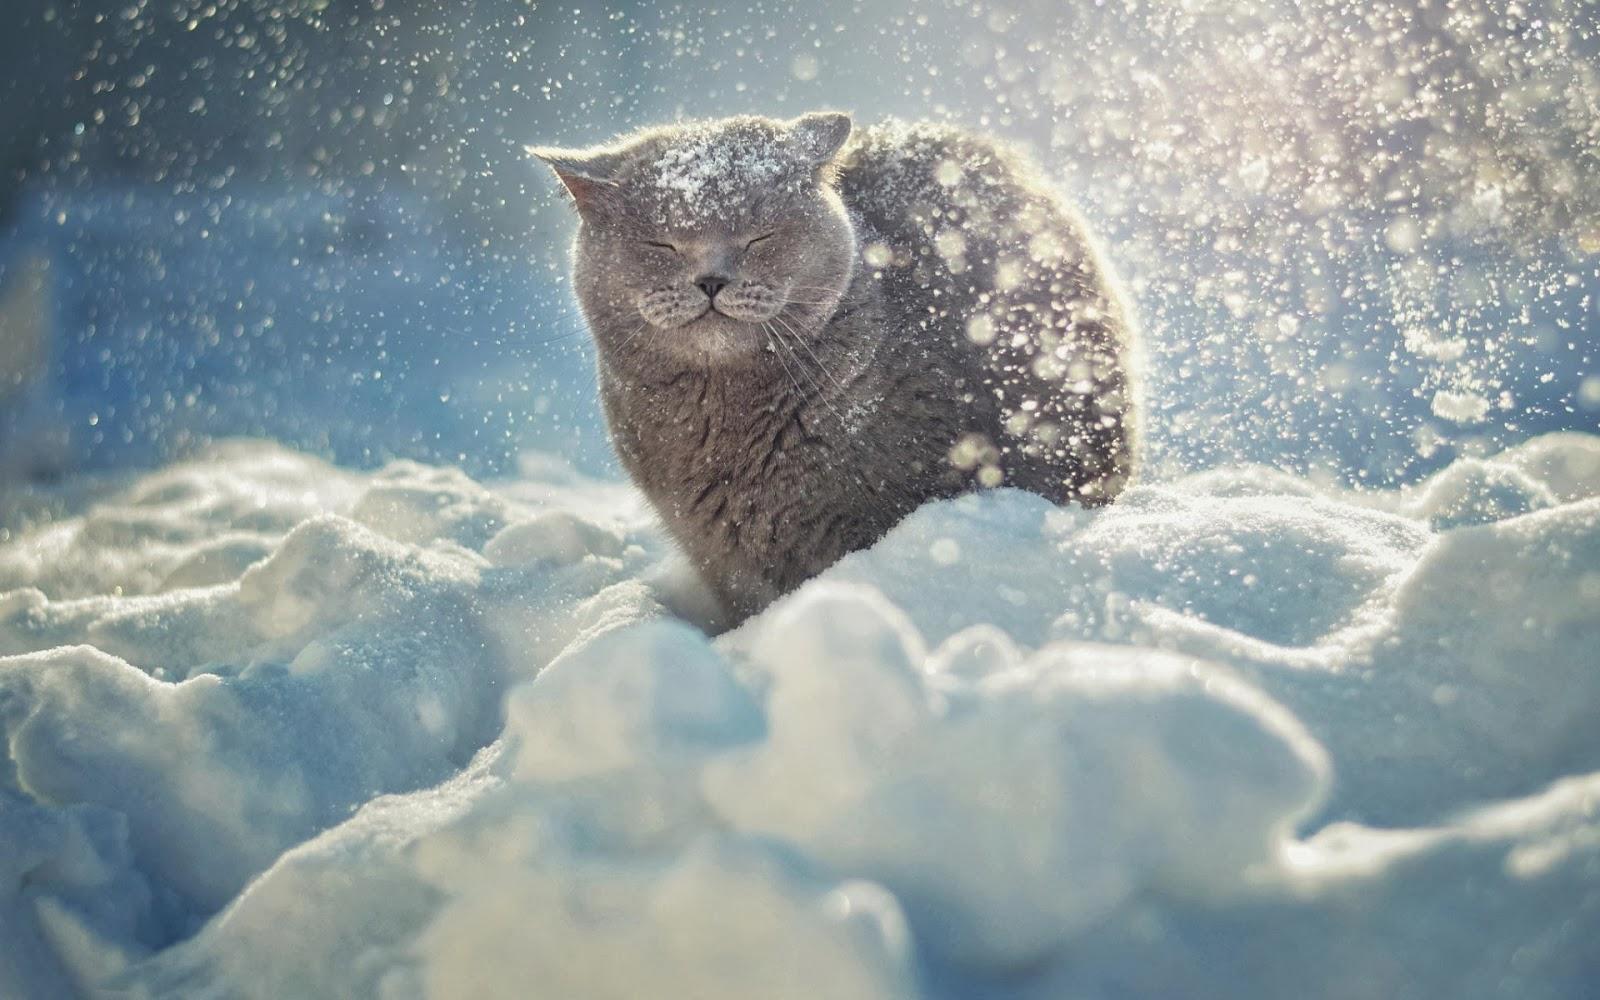 Wallpaper van een kat buiten in de sneeuw tijdens een sneeuwstorm